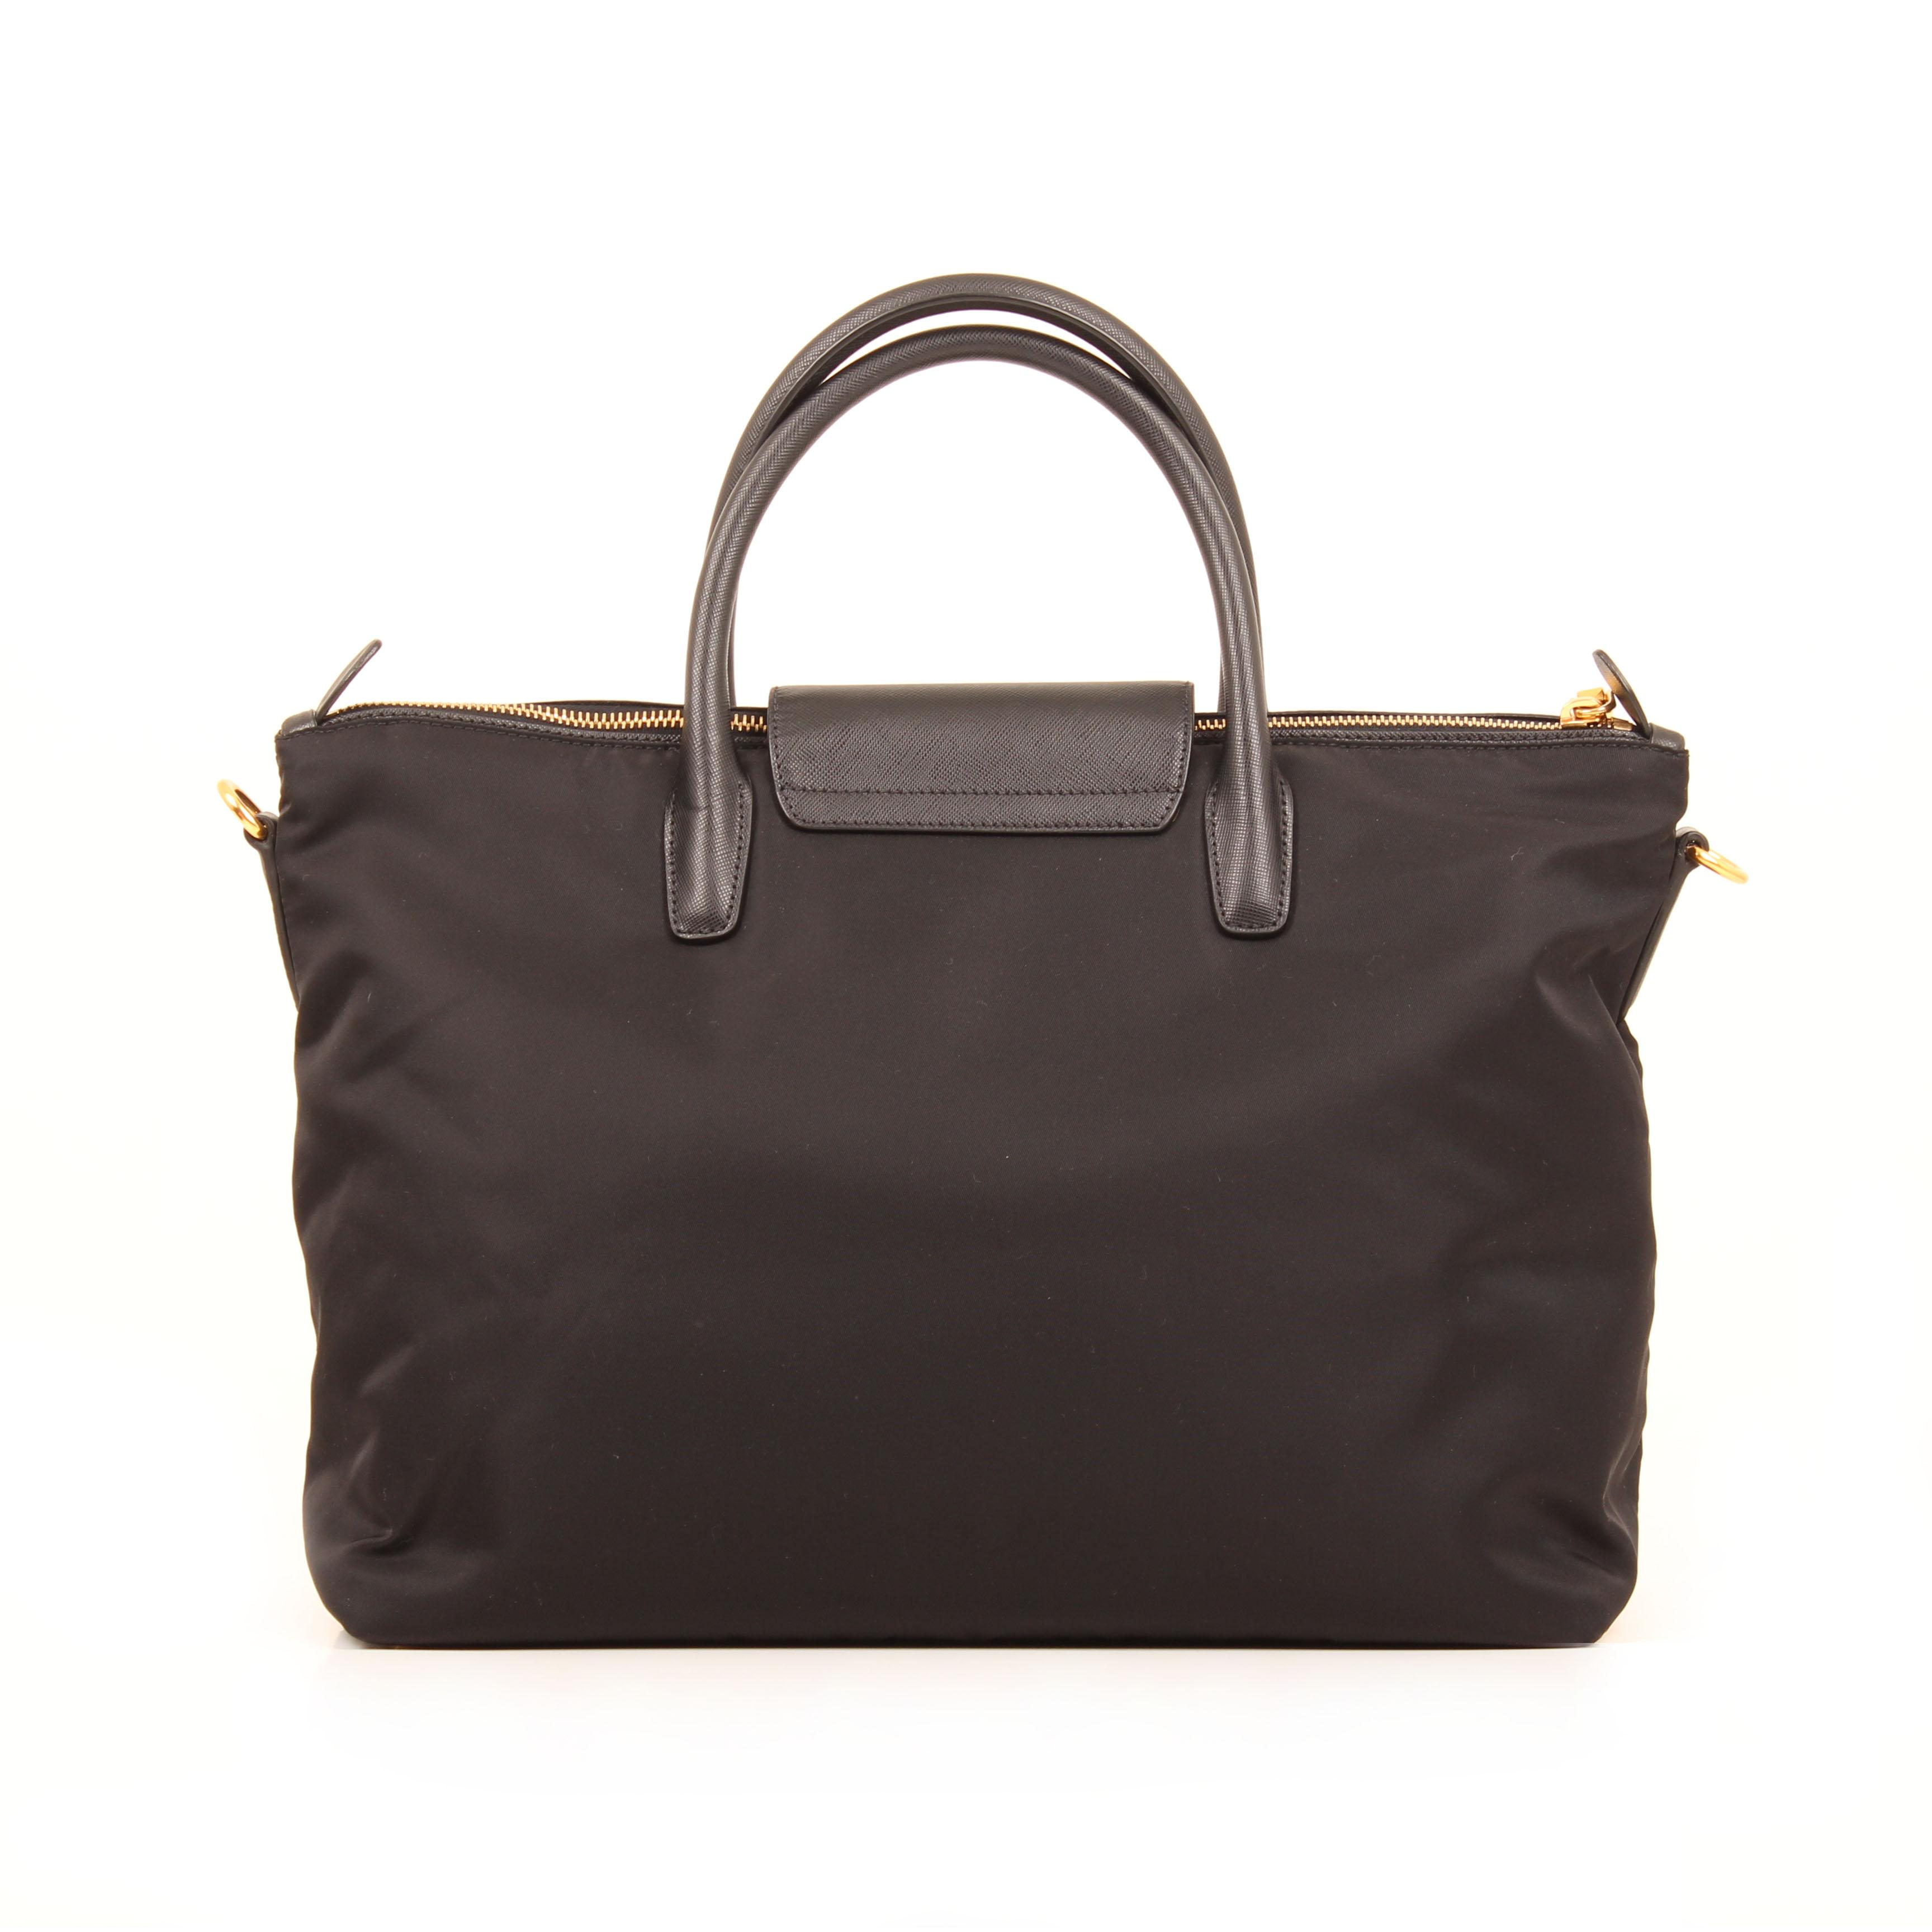 Prada Bag Nylon Saffiano Leather Black Crossbody BN2106 I CBL Bags 64c2ae0d02fde